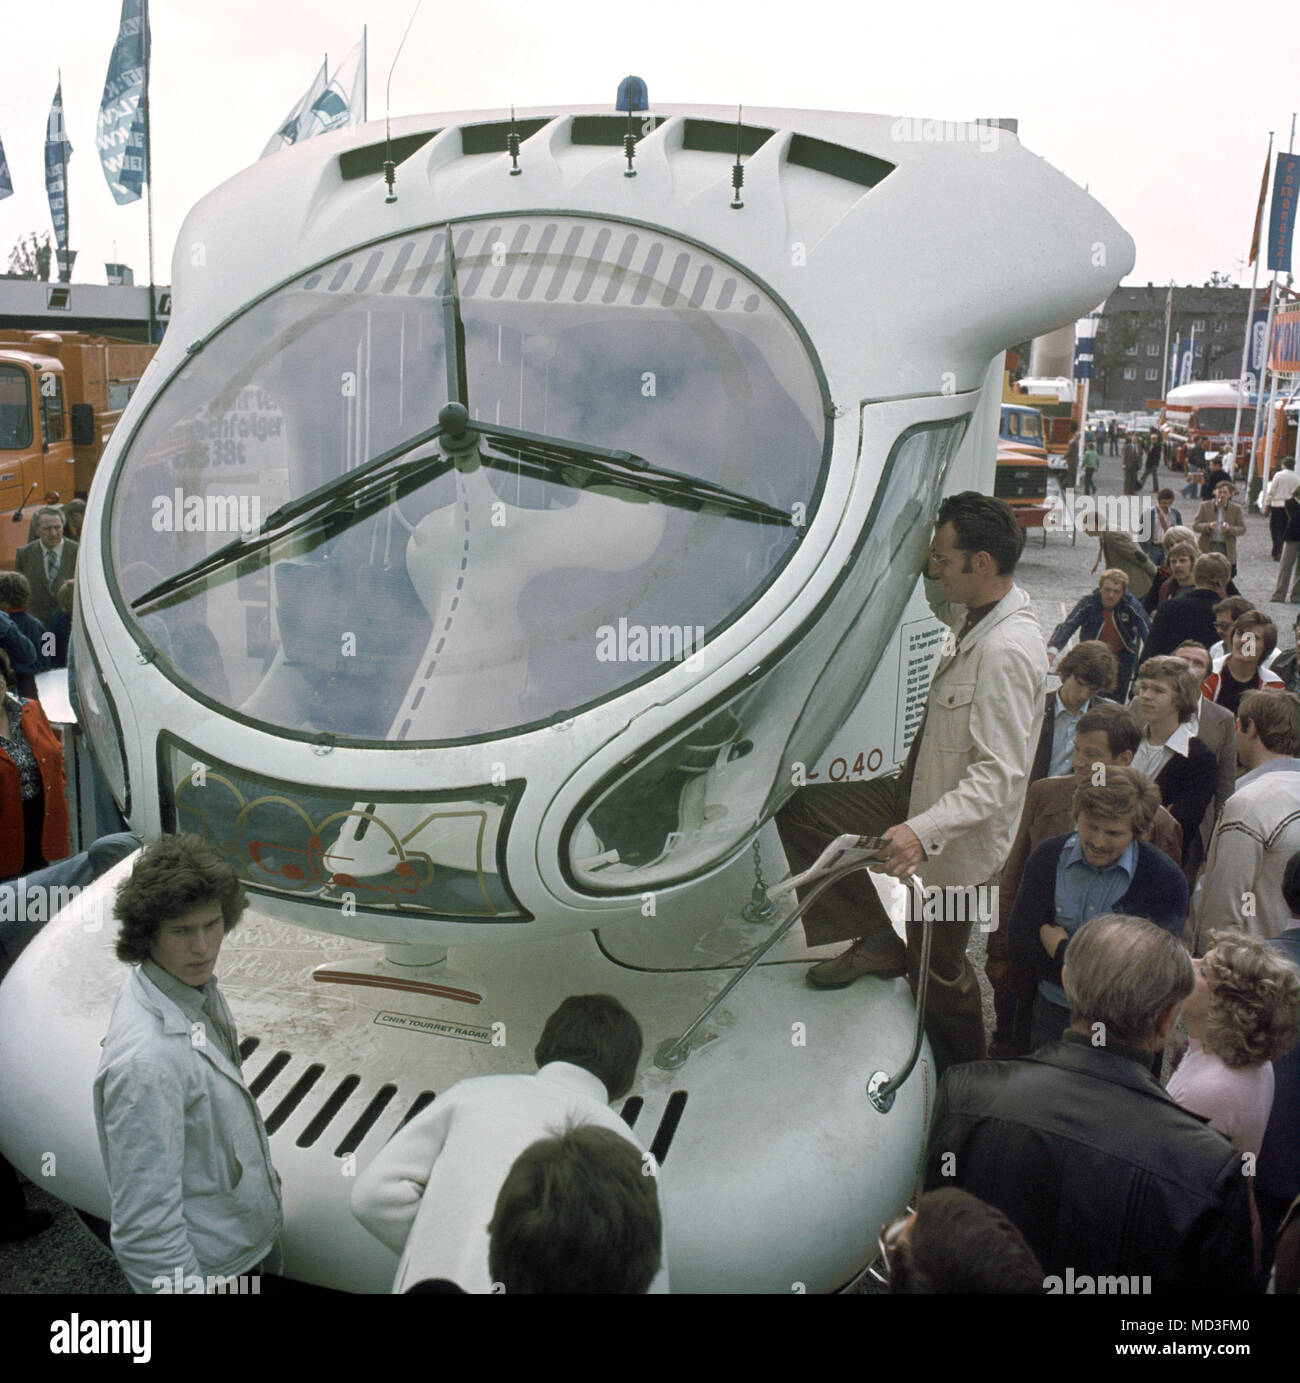 Los visitantes admiran el diseño futurista de un camión diseñado por Luigi Colani en el Salón Internacional del Automóvil IAA en Fráncfort del Meno en 1977. Foto: Manfred Rehm (c) dpa - Report   uso en todo el mundo Imagen De Stock